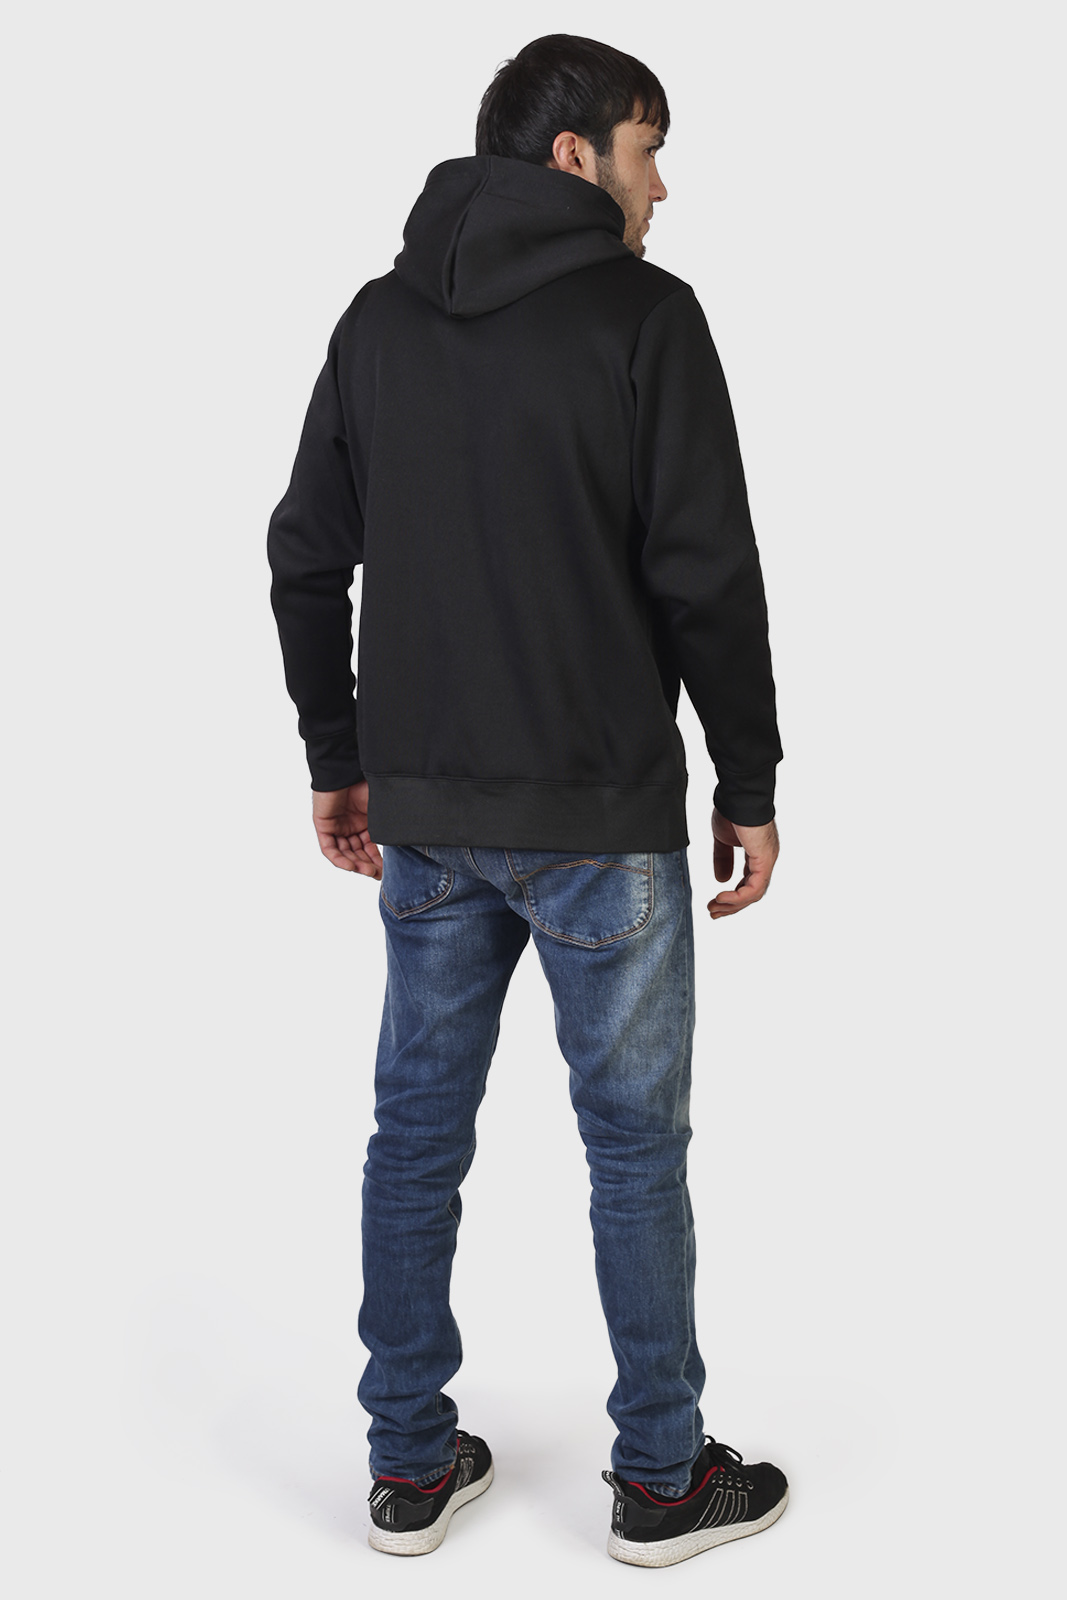 Черная мужская толстовка с нашивкой Военной разведки купить выгодно